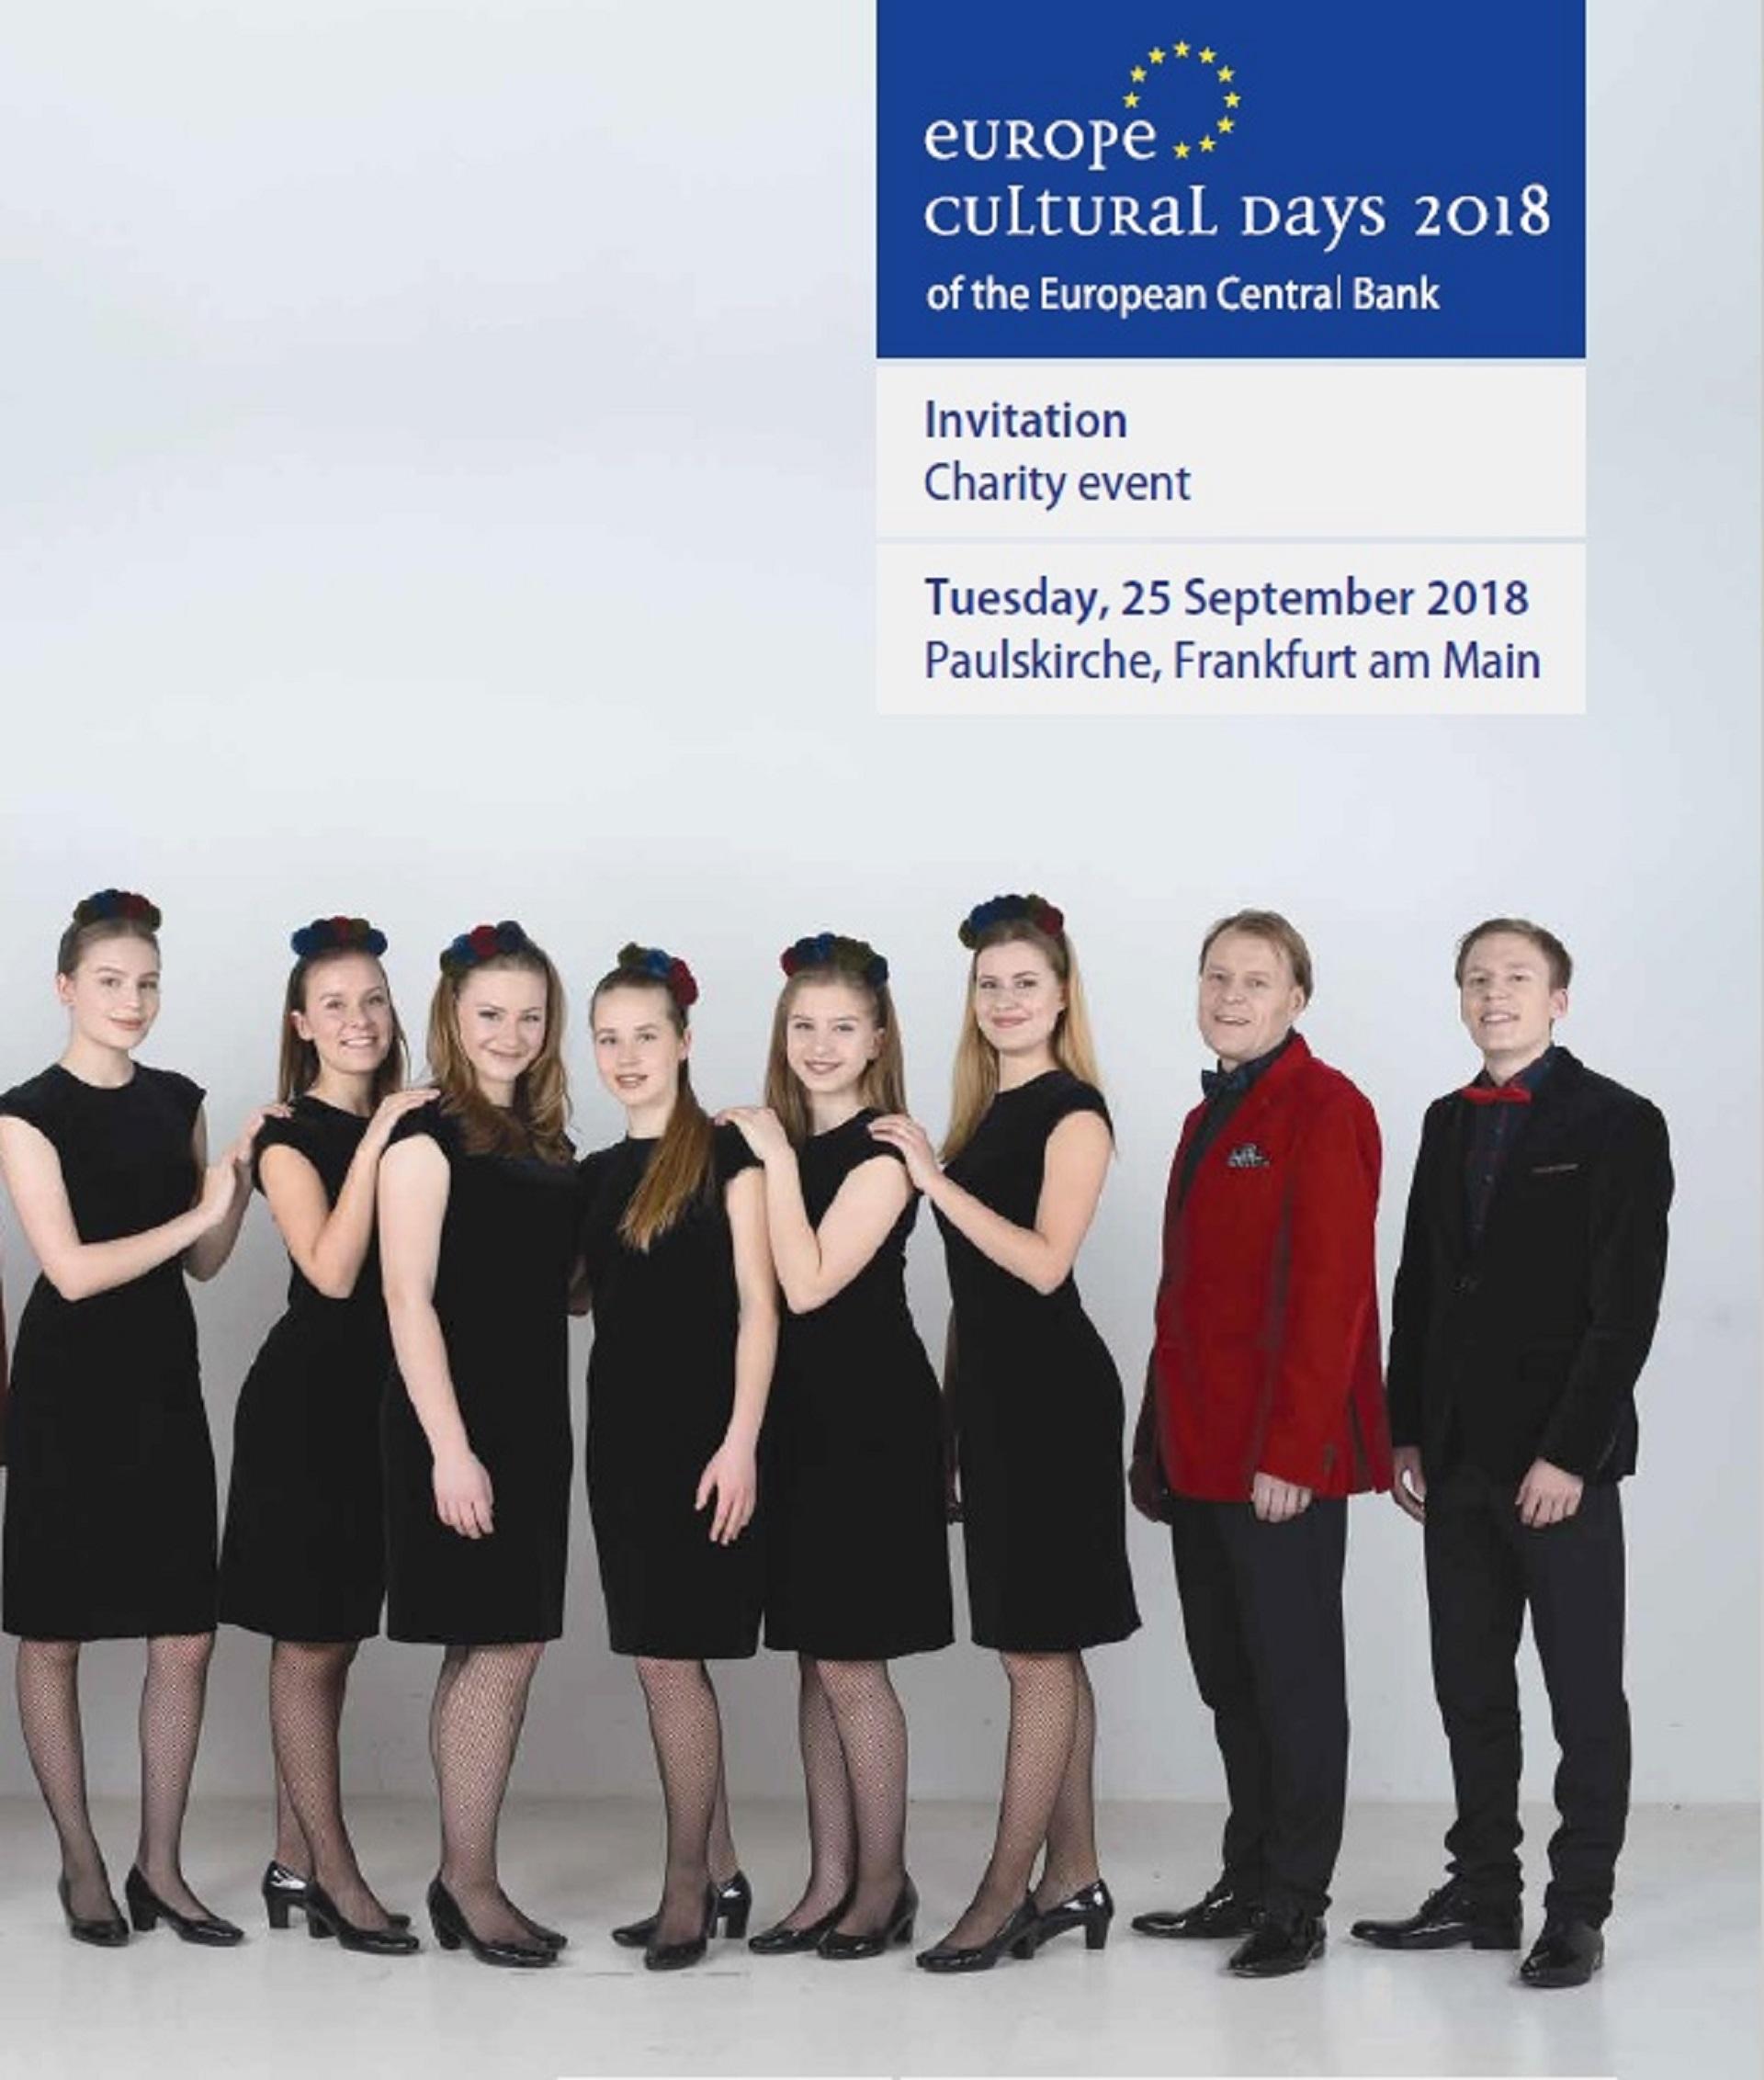 Besuch beim Charity-Konzert in der Paulskirche in Frankfurt am Main (Foto: J. Vaitkienė)